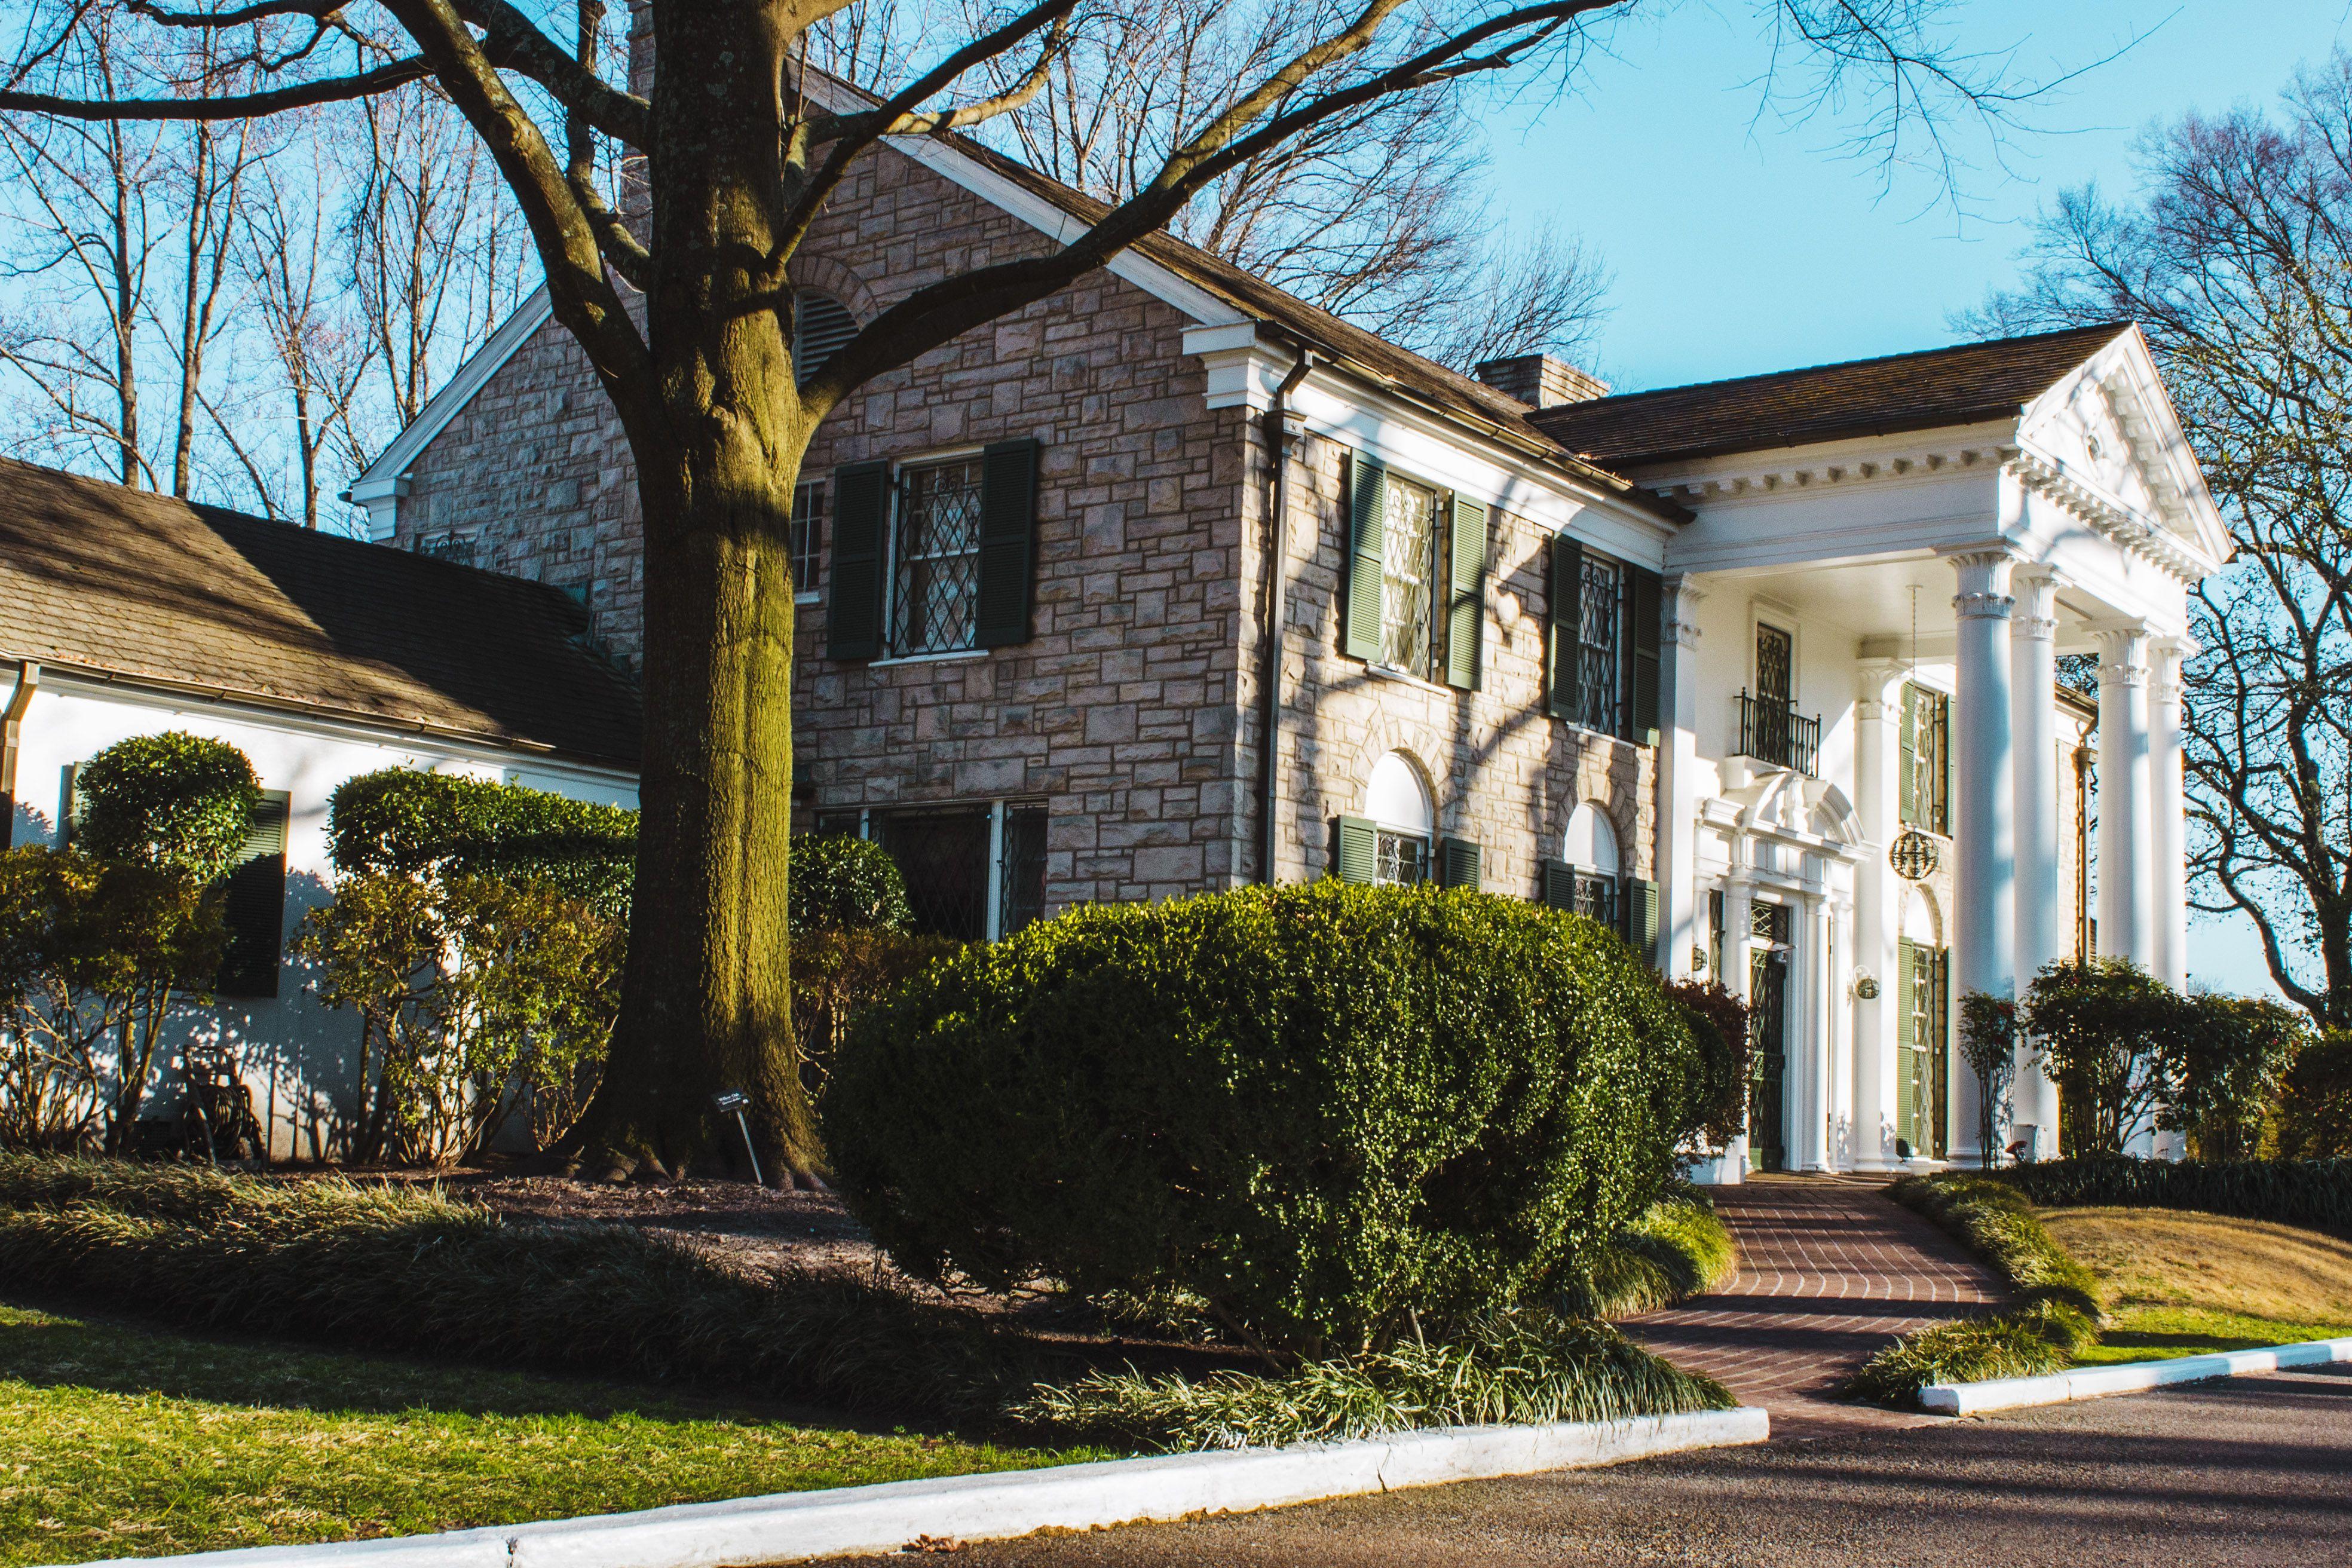 Graceland Mansion: Elvis Presley's Home